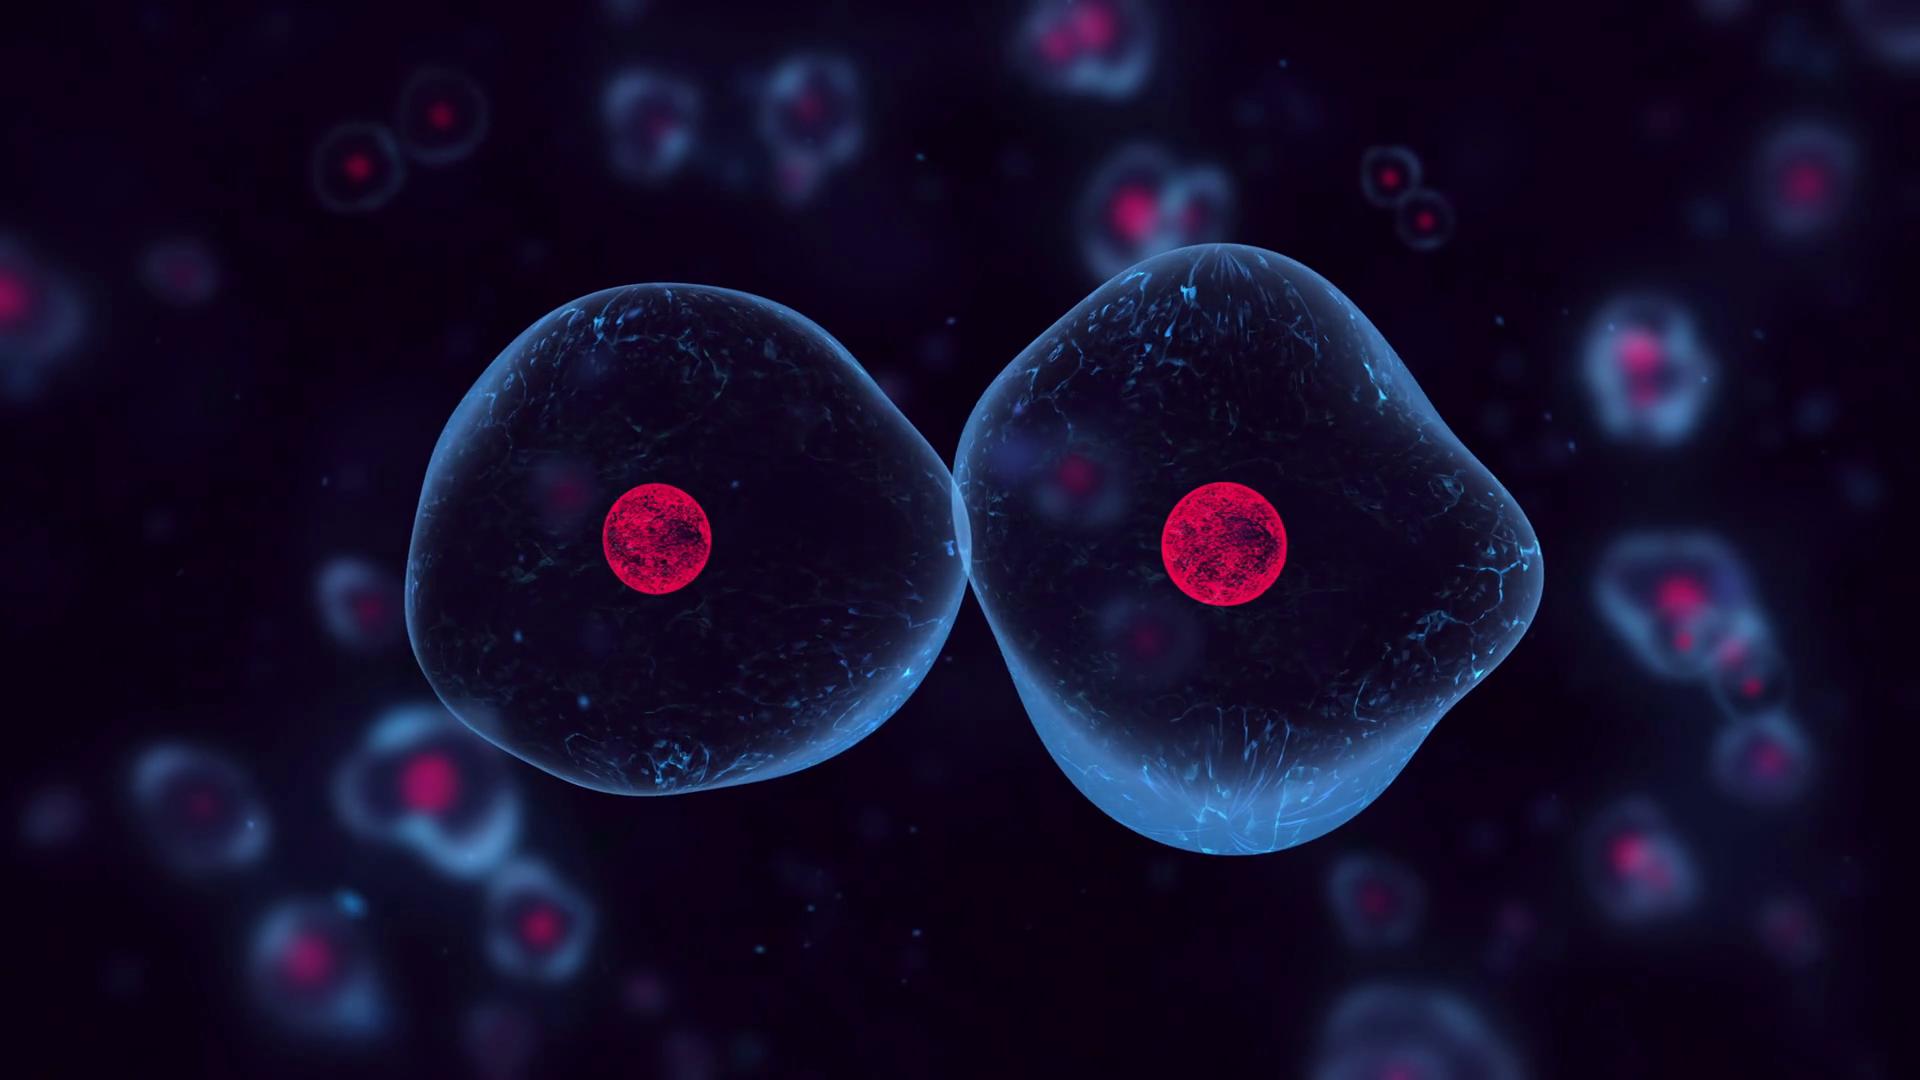 animal: animal cell hd image